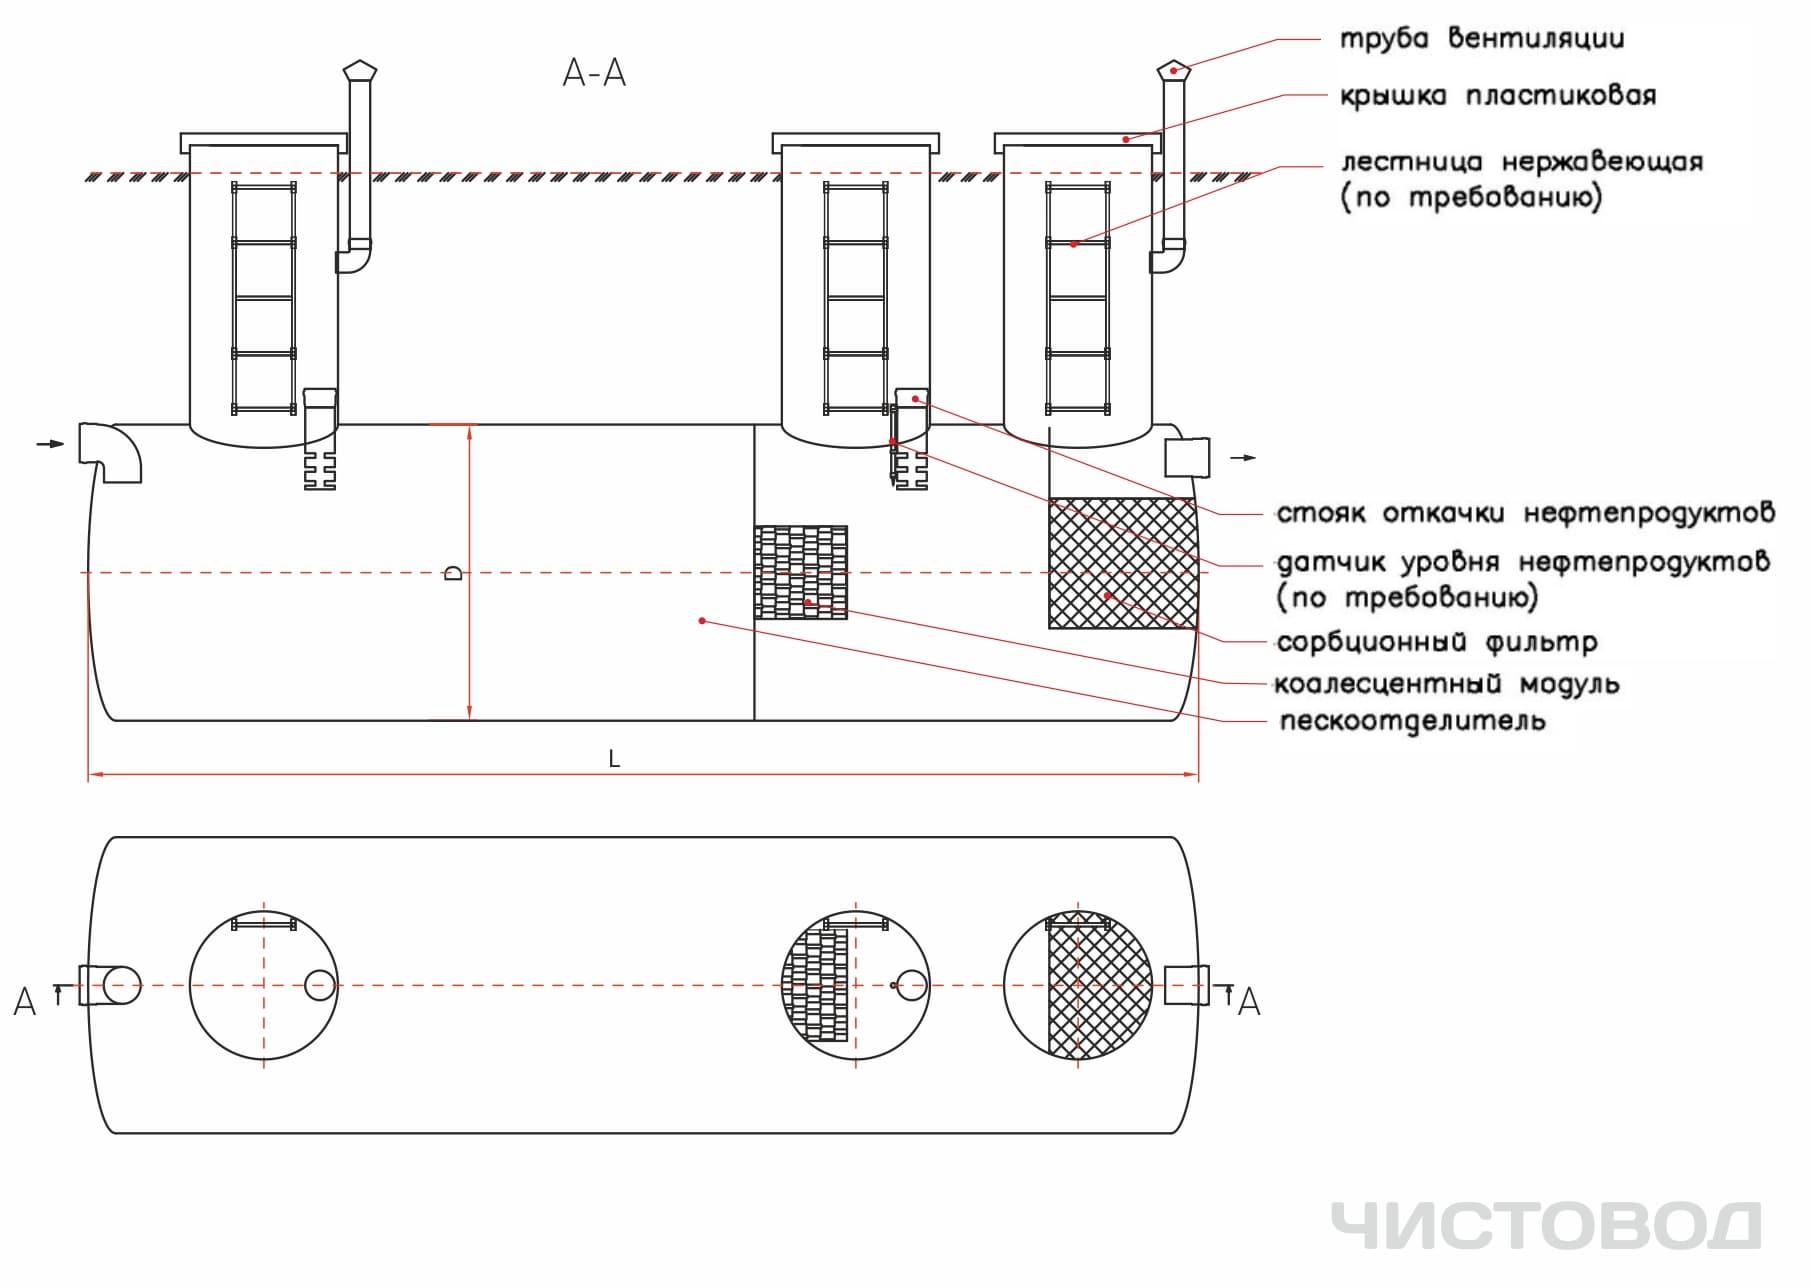 Песконефтеотделитель канализации объединяет Пескоотделитель и нефтеотделитель - песколовку и нефтеуловитель - прозводится в РБ Минск - Чистовод